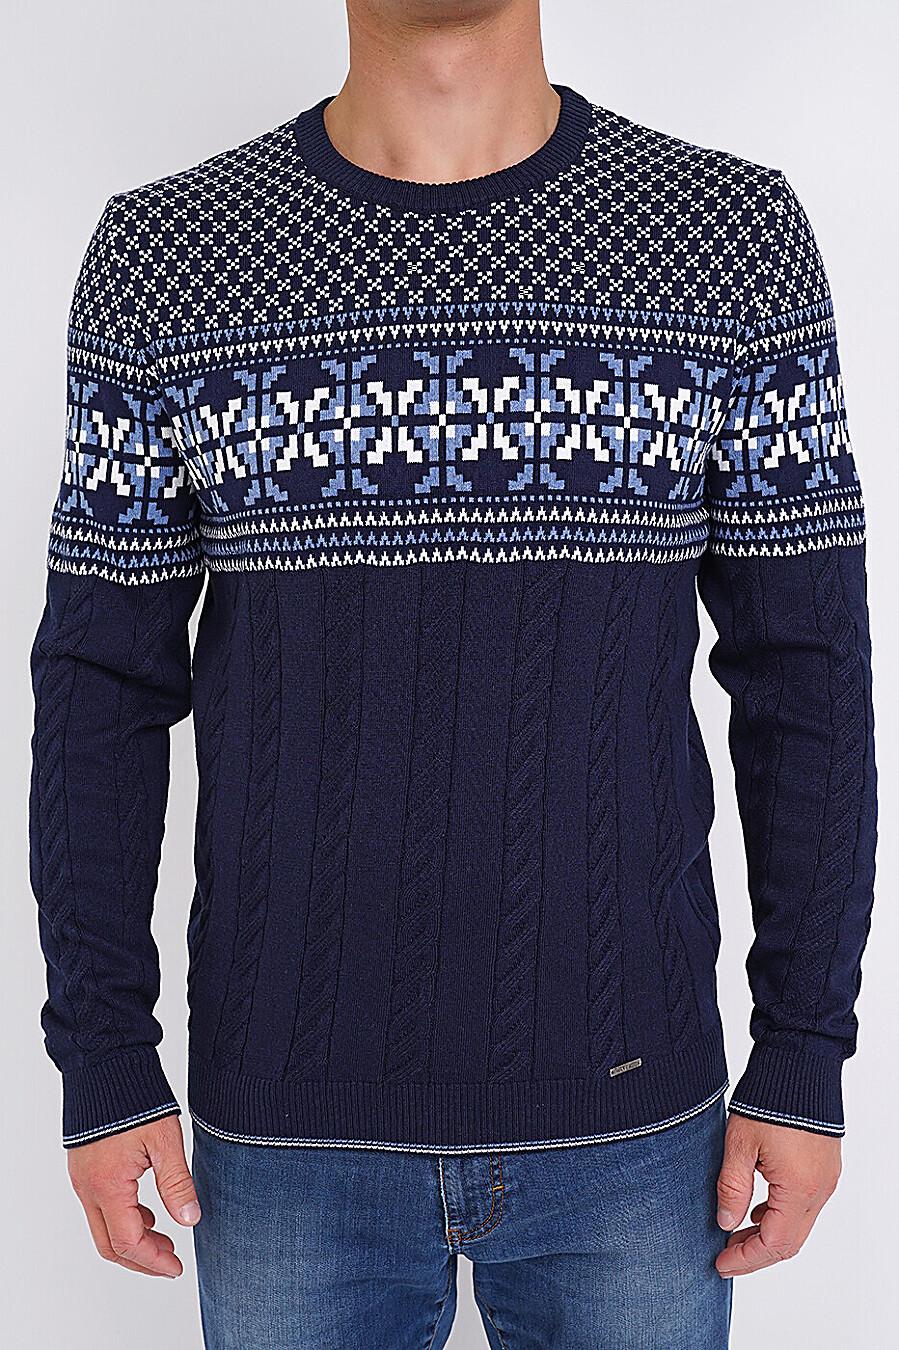 Джемпер  для мужчин CLEVER 272729 купить оптом от производителя. Совместная покупка мужской одежды в OptMoyo